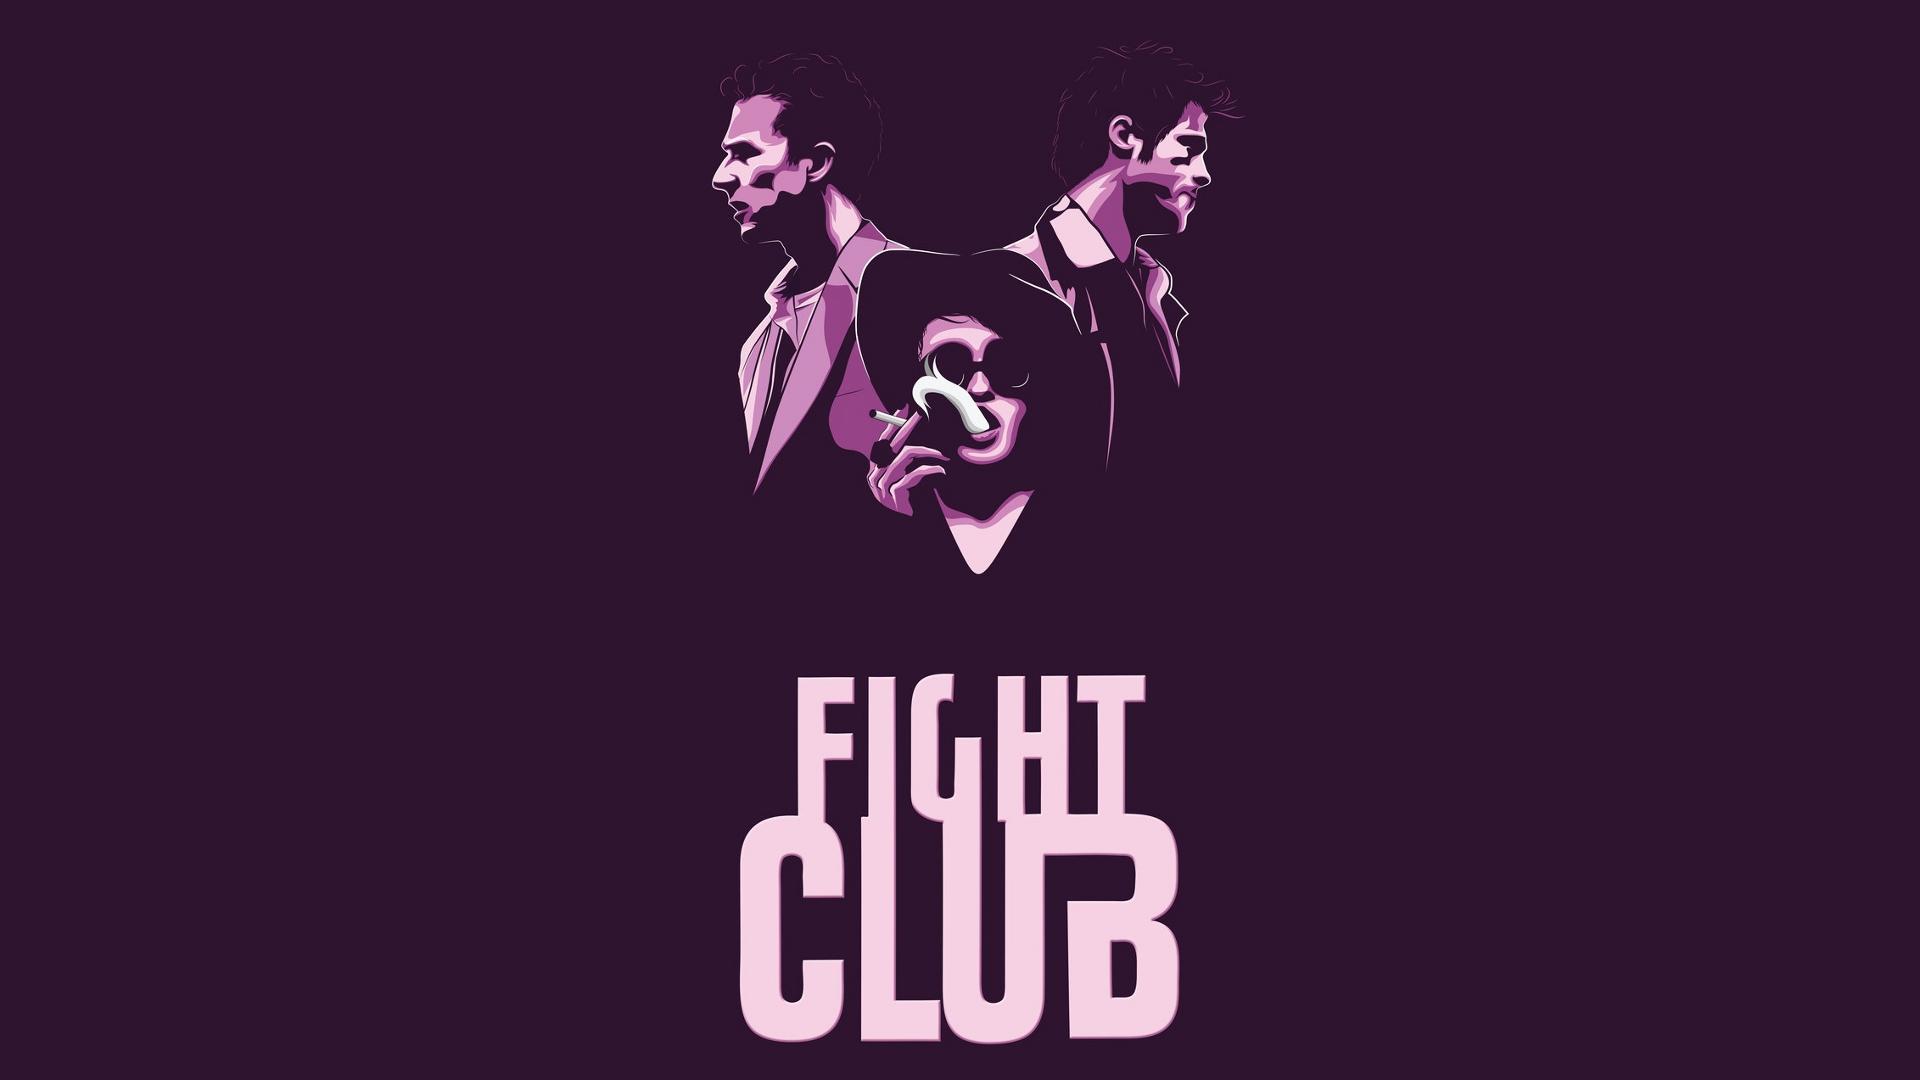 Exibir-baixar-comentar-e-avaliar-este-Papel-de-Parede-Fight-Club-1920x1080-Abyss-wallpaper-wp3805111